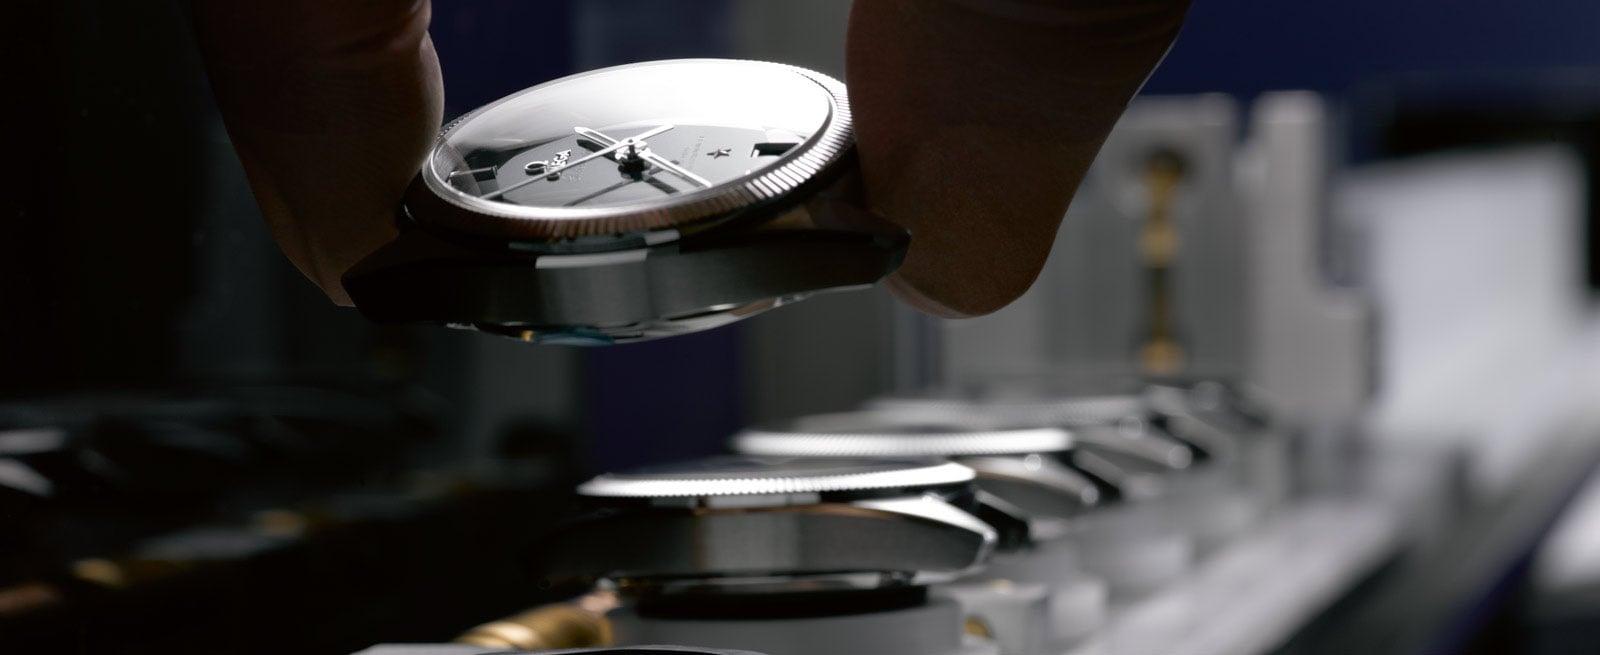 欧米茄腕表: 防磁腕表——难以阻挡的魅力 - 欧米茄制表工艺